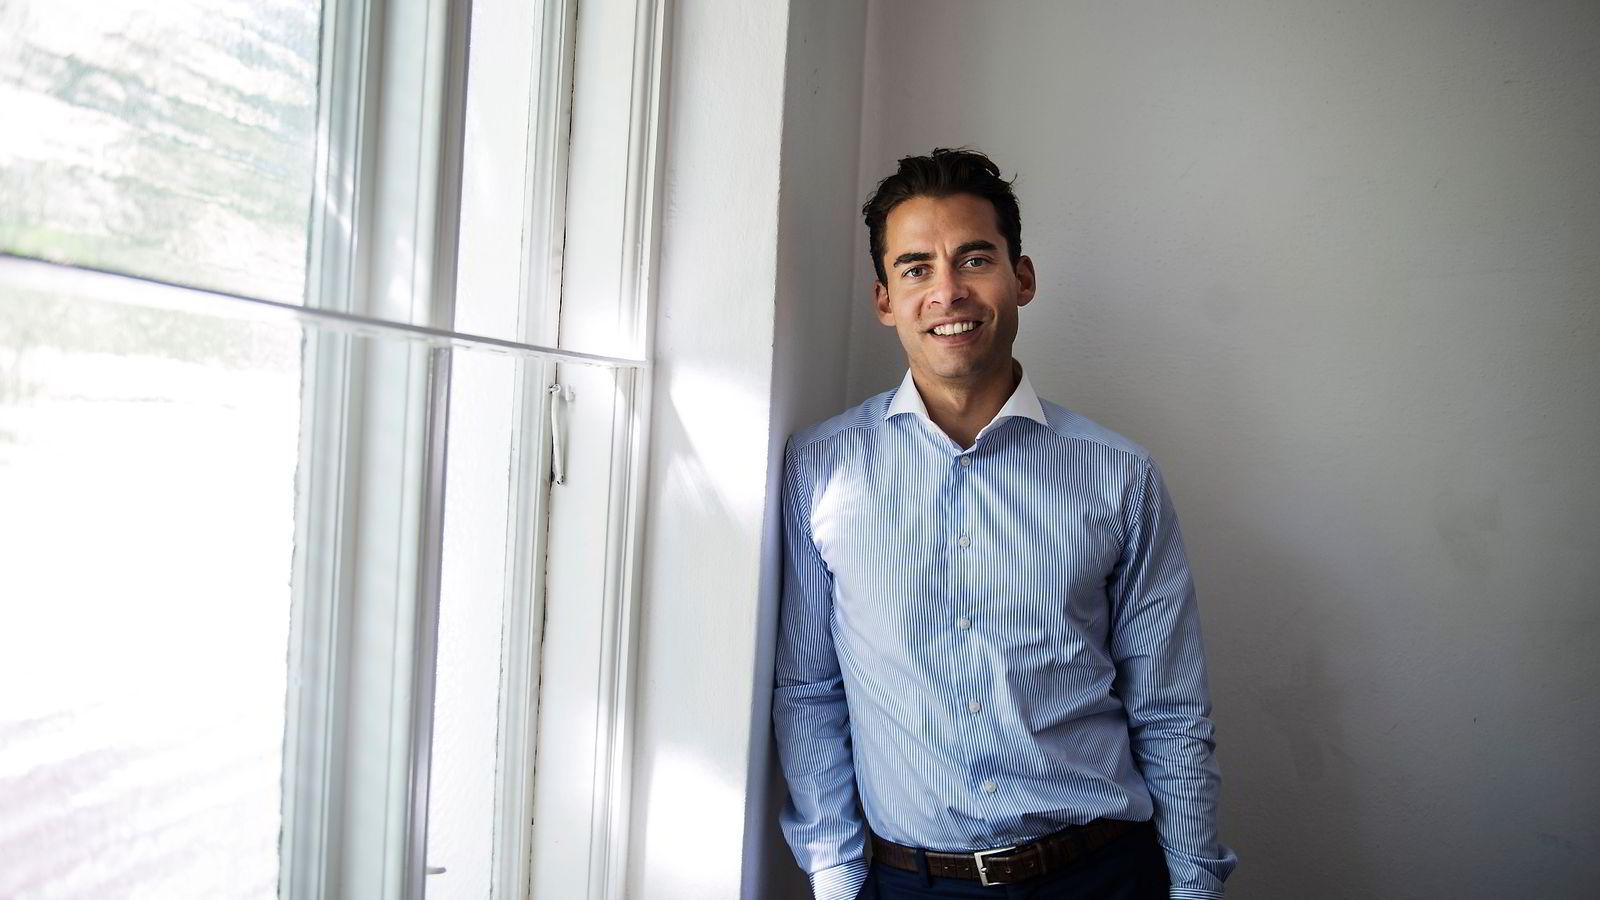 Nicholay J. Tehrani, Norges-sjef i det nordiske konsulentselskapet Navigio, som blant annet driver med lederrekruttering.